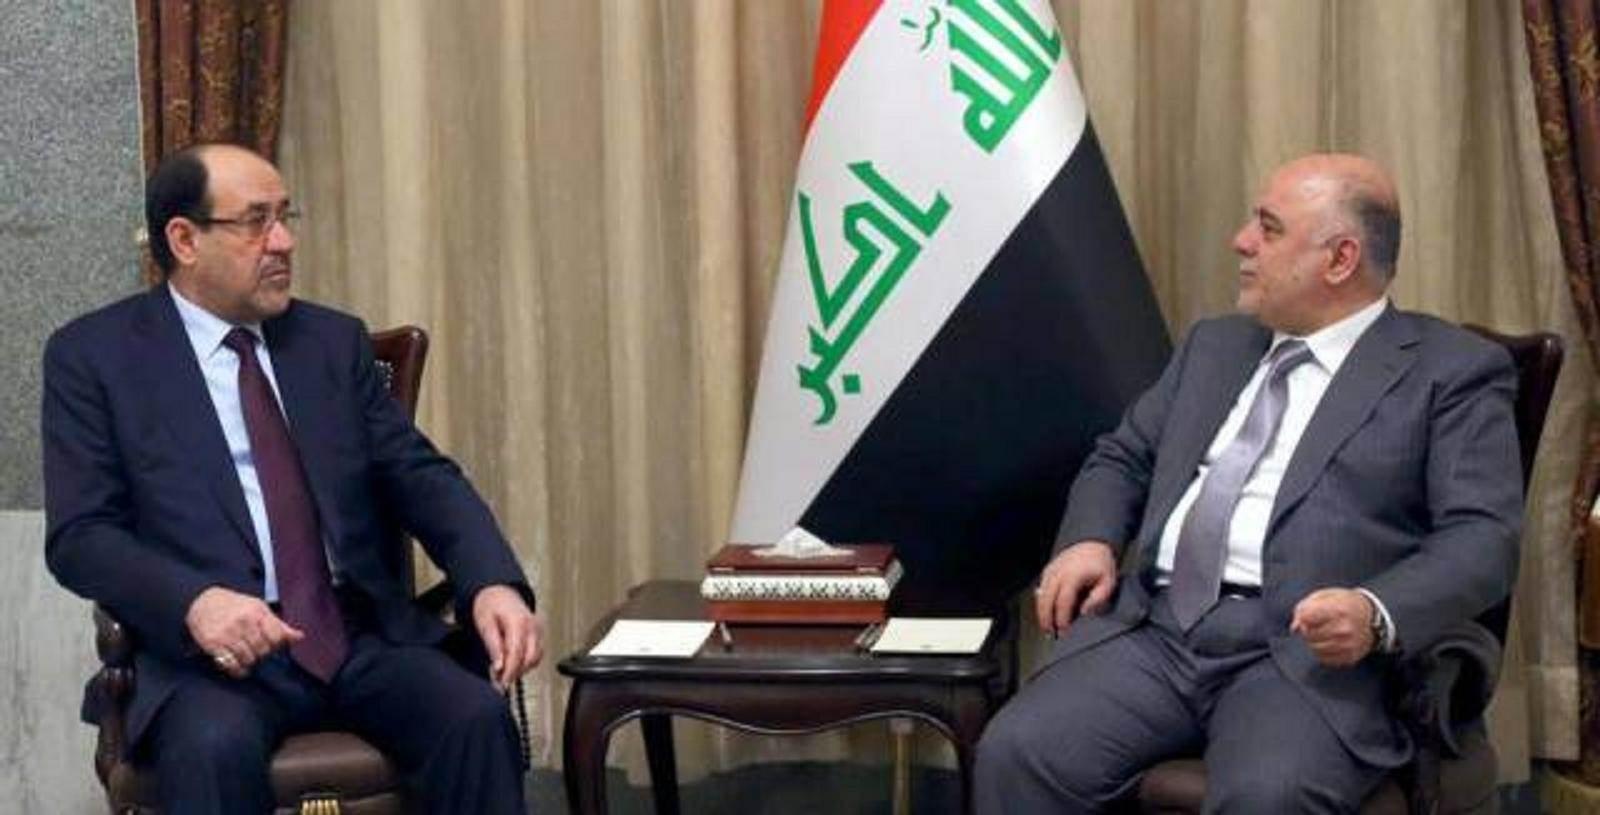 تصاعد الصراع بين العبادي والمالكي مع قرب الانتخابات